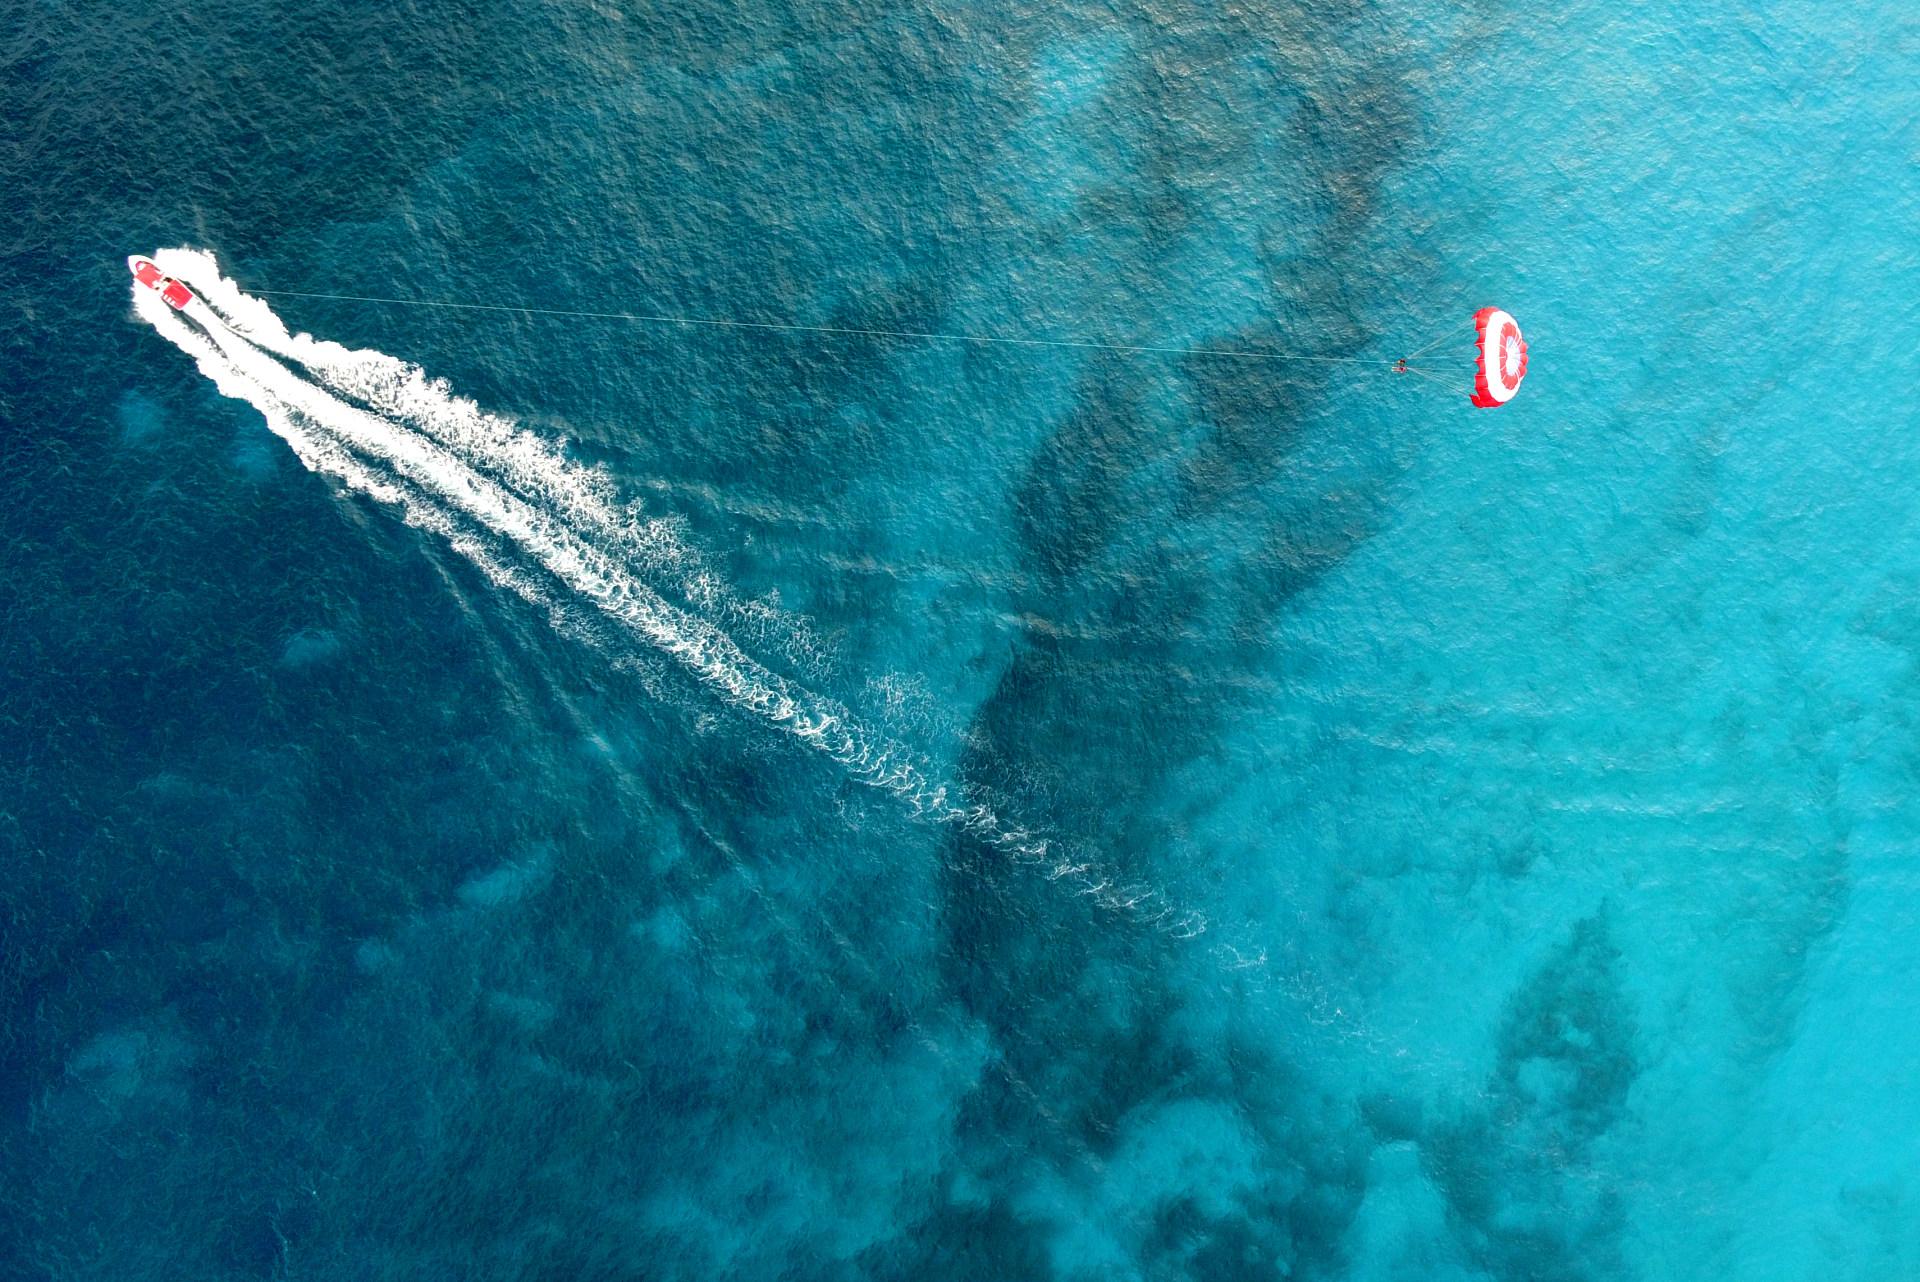 fotografia-aerea-droni-dji-sport-acquatici-3